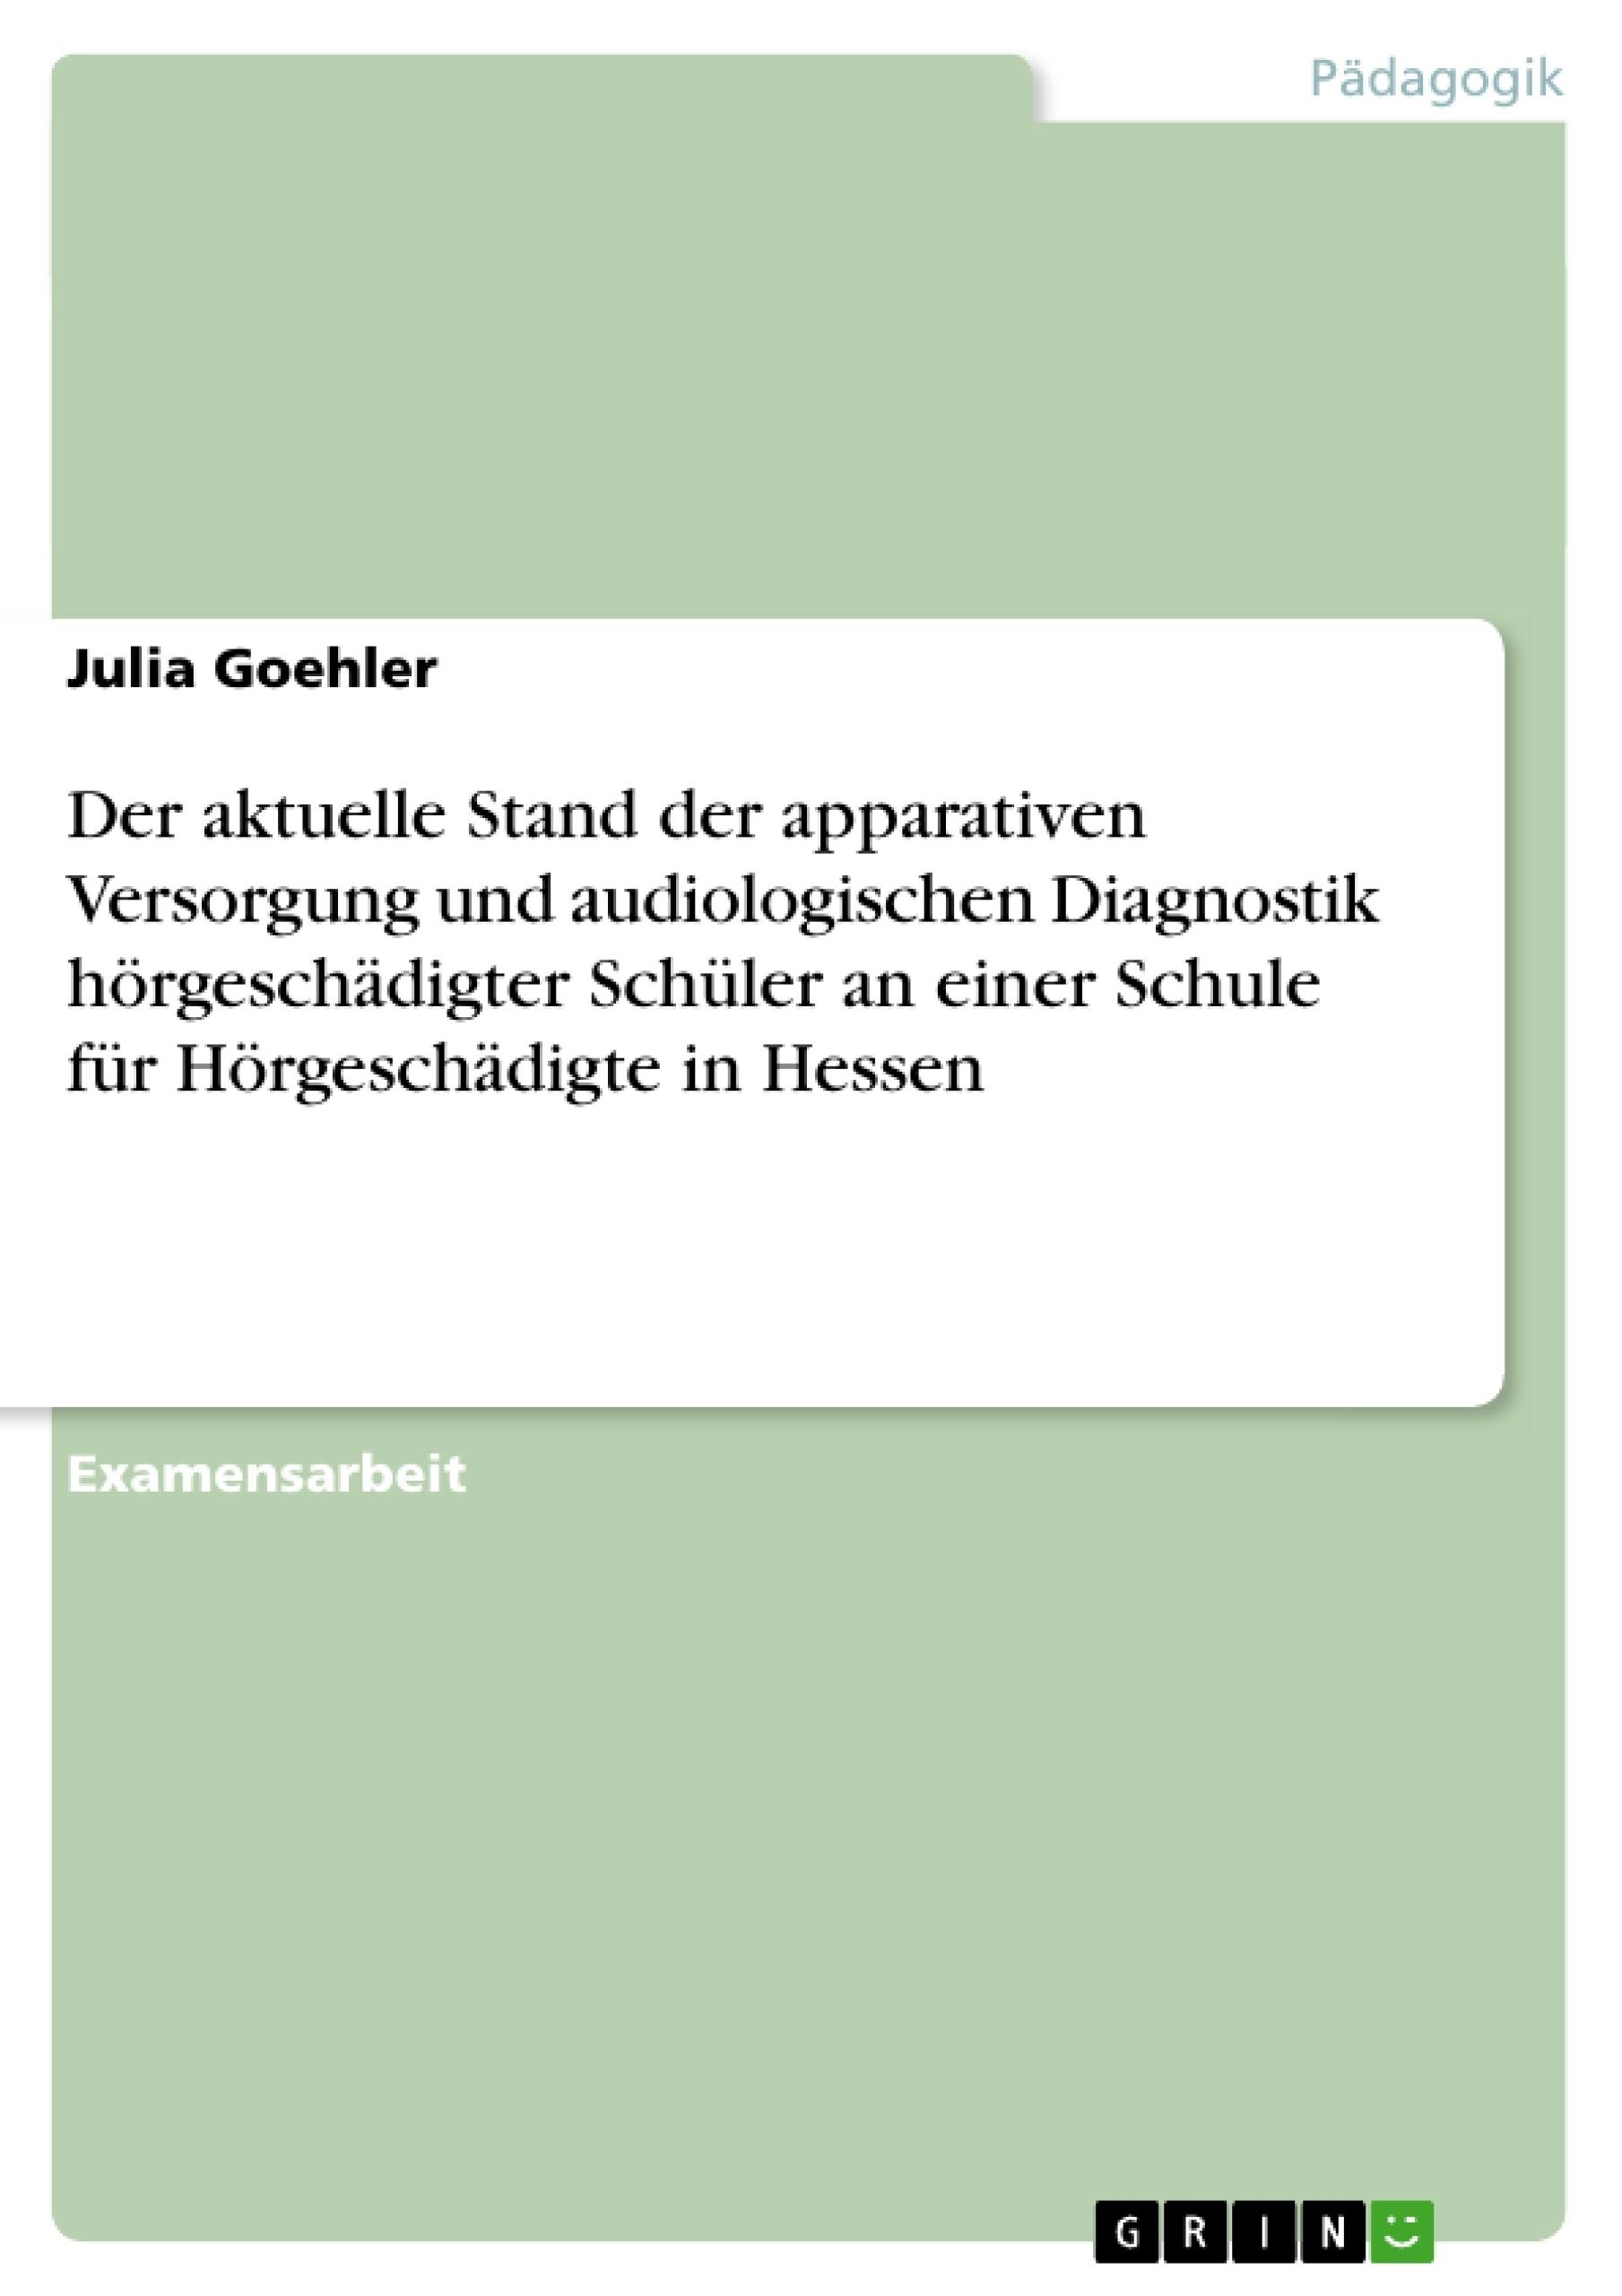 Titel: Der aktuelle Stand der apparativen Versorgung und audiologischen Diagnostik hörgeschädigter Schüler an einer Schule für Hörgeschädigte in Hessen